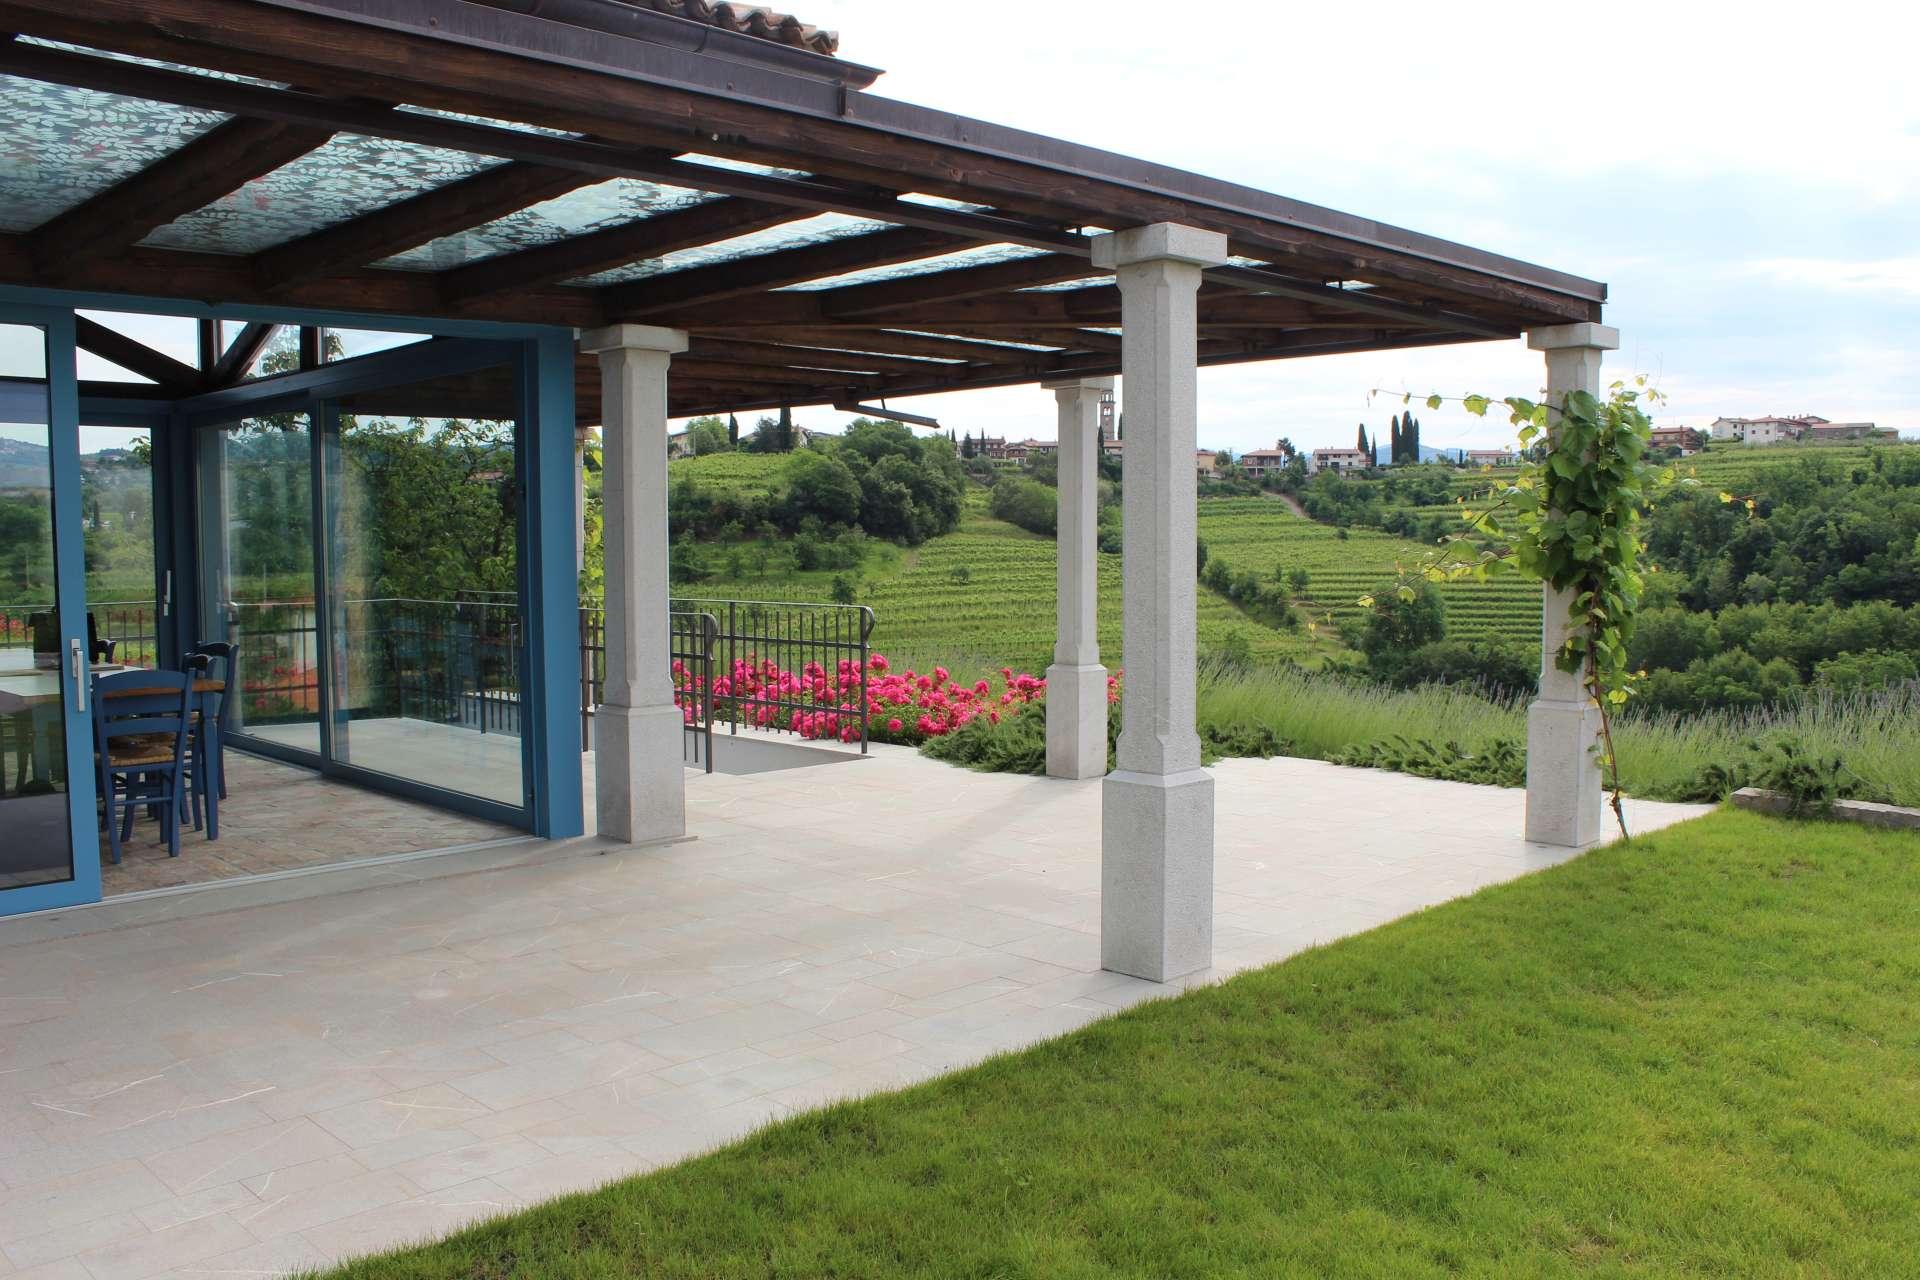 Terrassenplatte Naturstein Die richtige Wahl für Ihre Traumterrasse